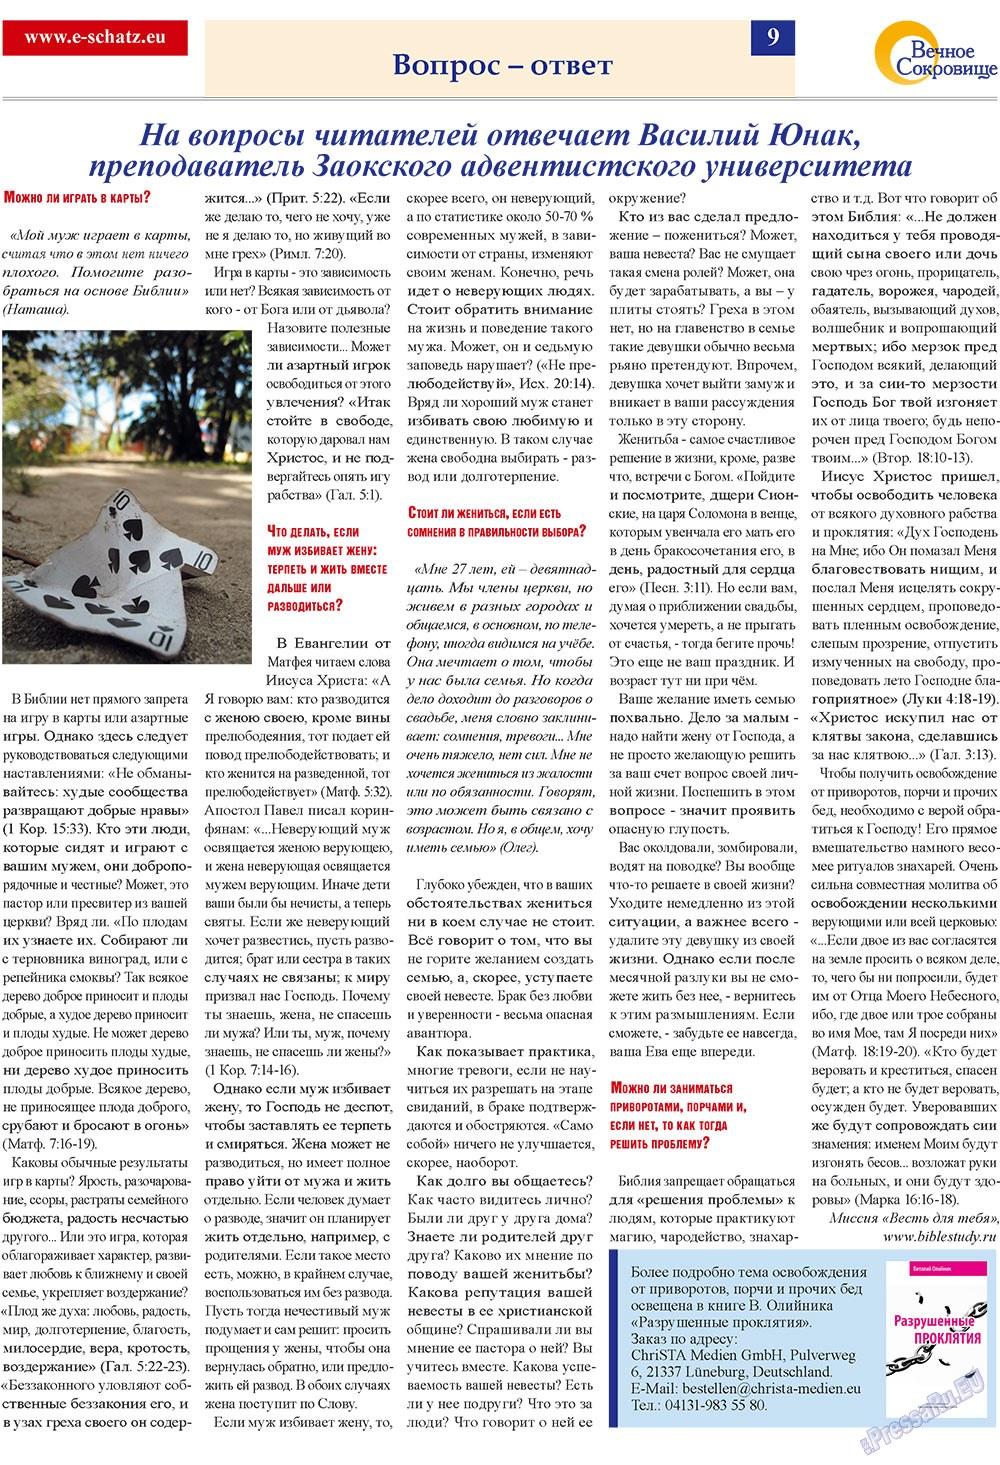 Вечное сокровище (газета). 2009 год, номер 4, стр. 9